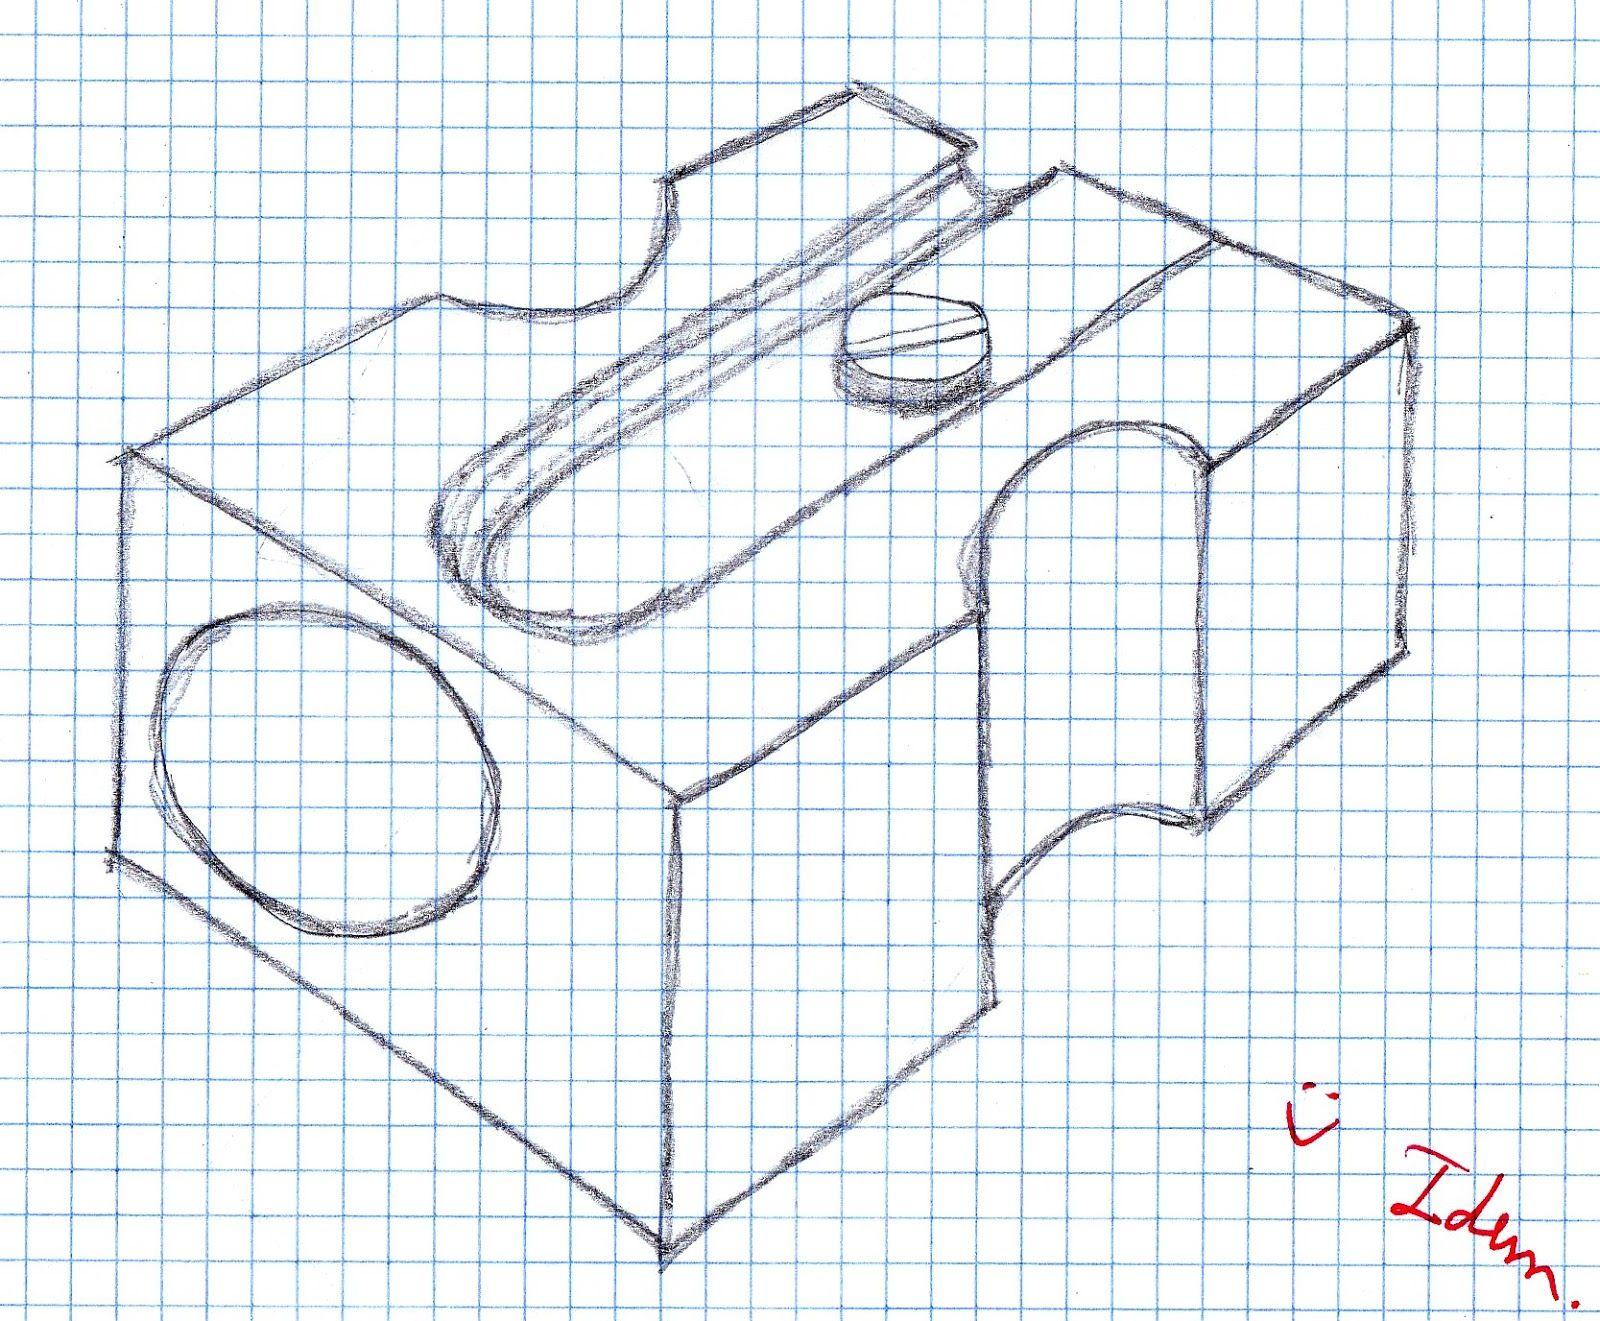 Estoy En Ello Tecnobotica1eso Mapa Conceptual Instrumentos De Dibujo Tecnicas De Dibujo Mapa Conceptual